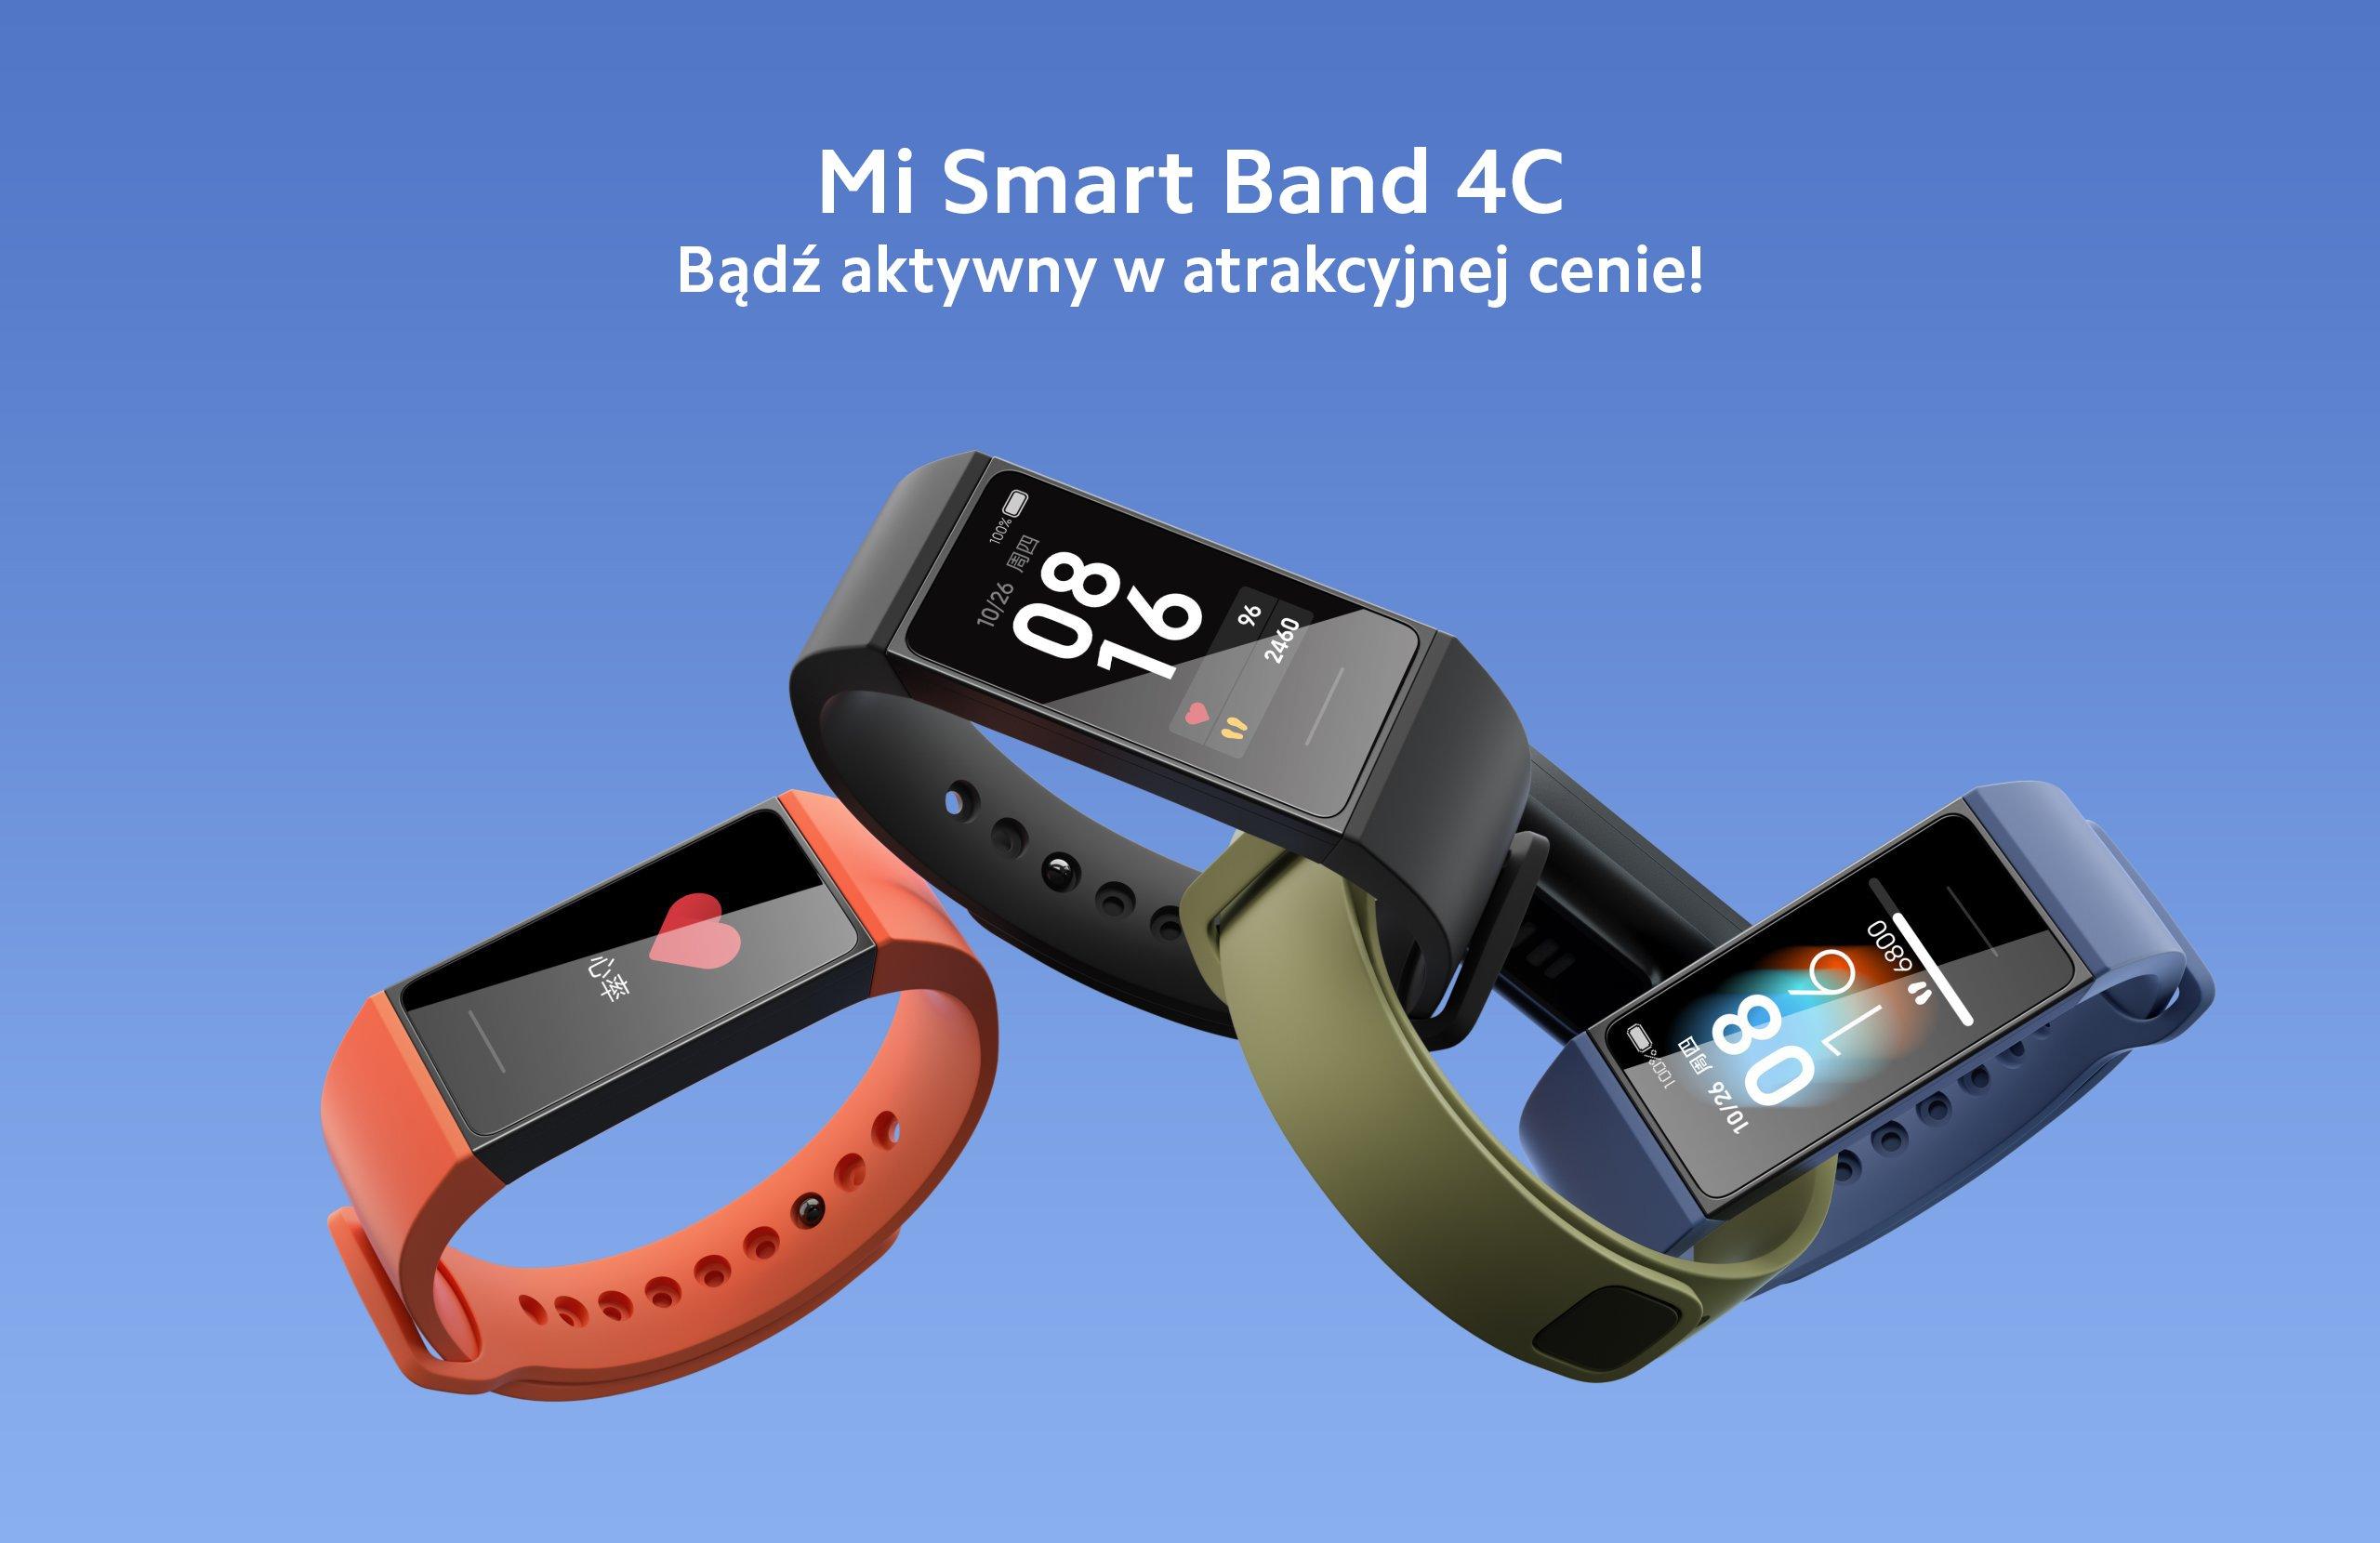 opaska Xiaomi Mi Band 4C smart band